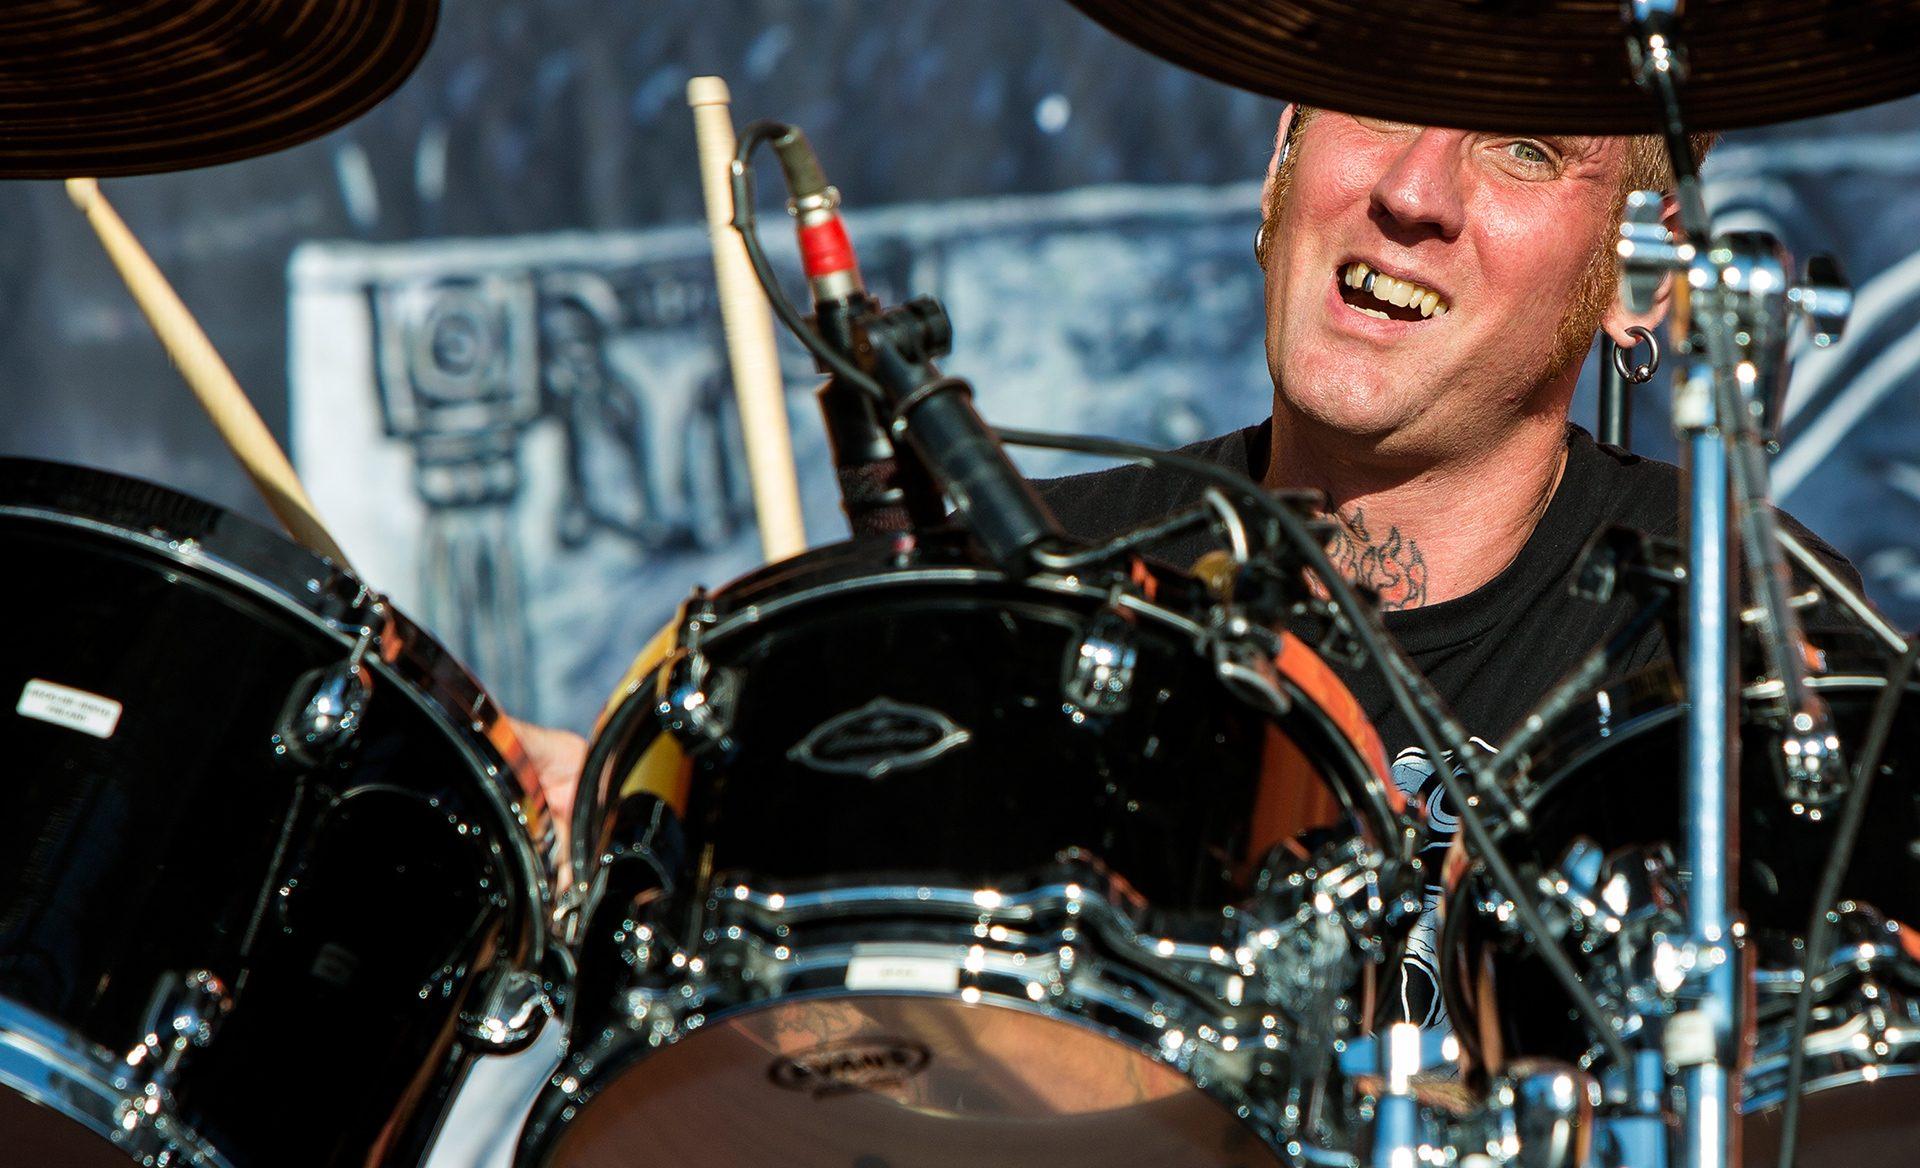 Brann Dailor, drummer, Mastodon band, Tuska metal festival